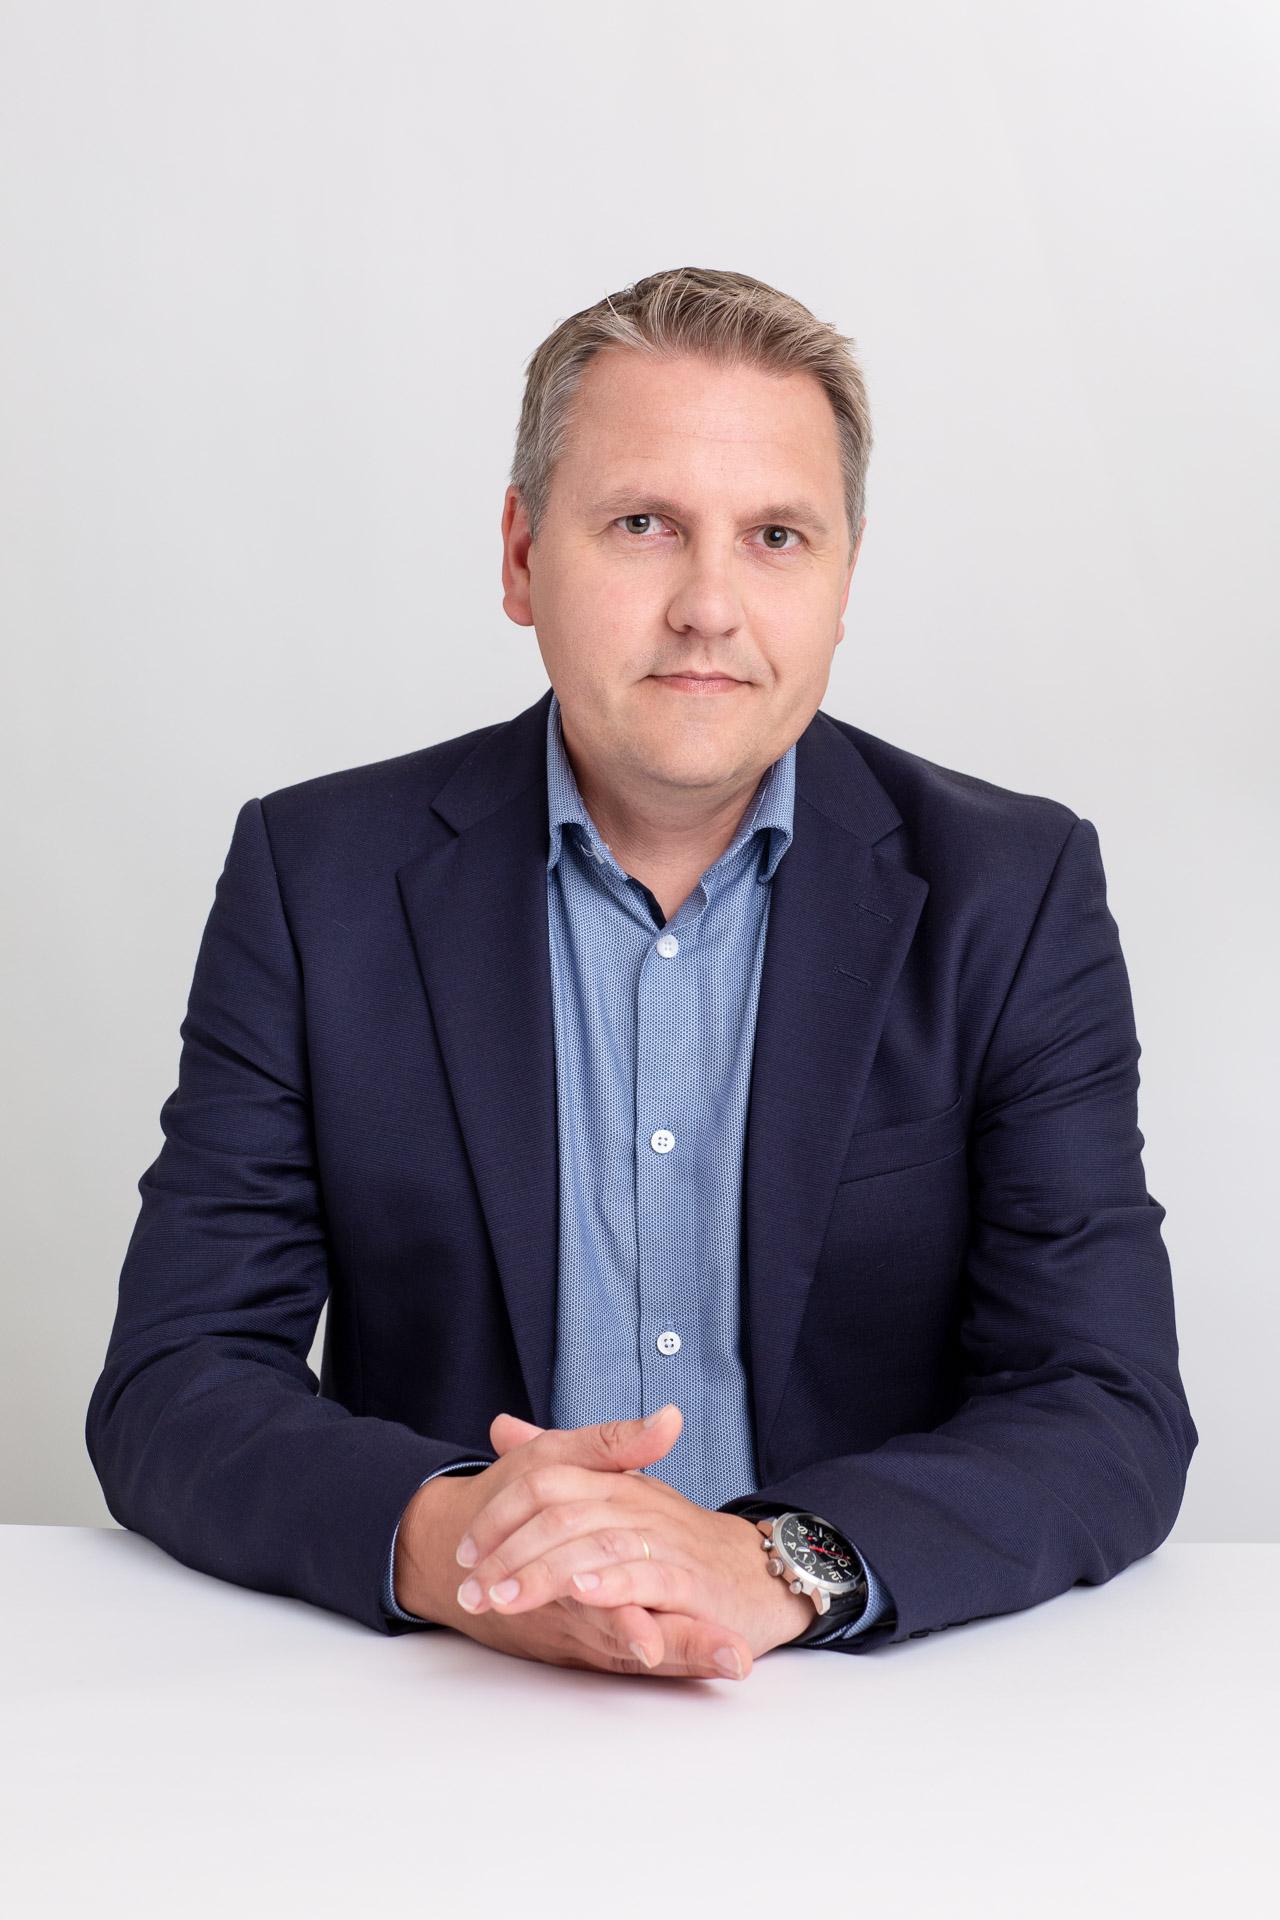 Tom-Erik Hagelberg